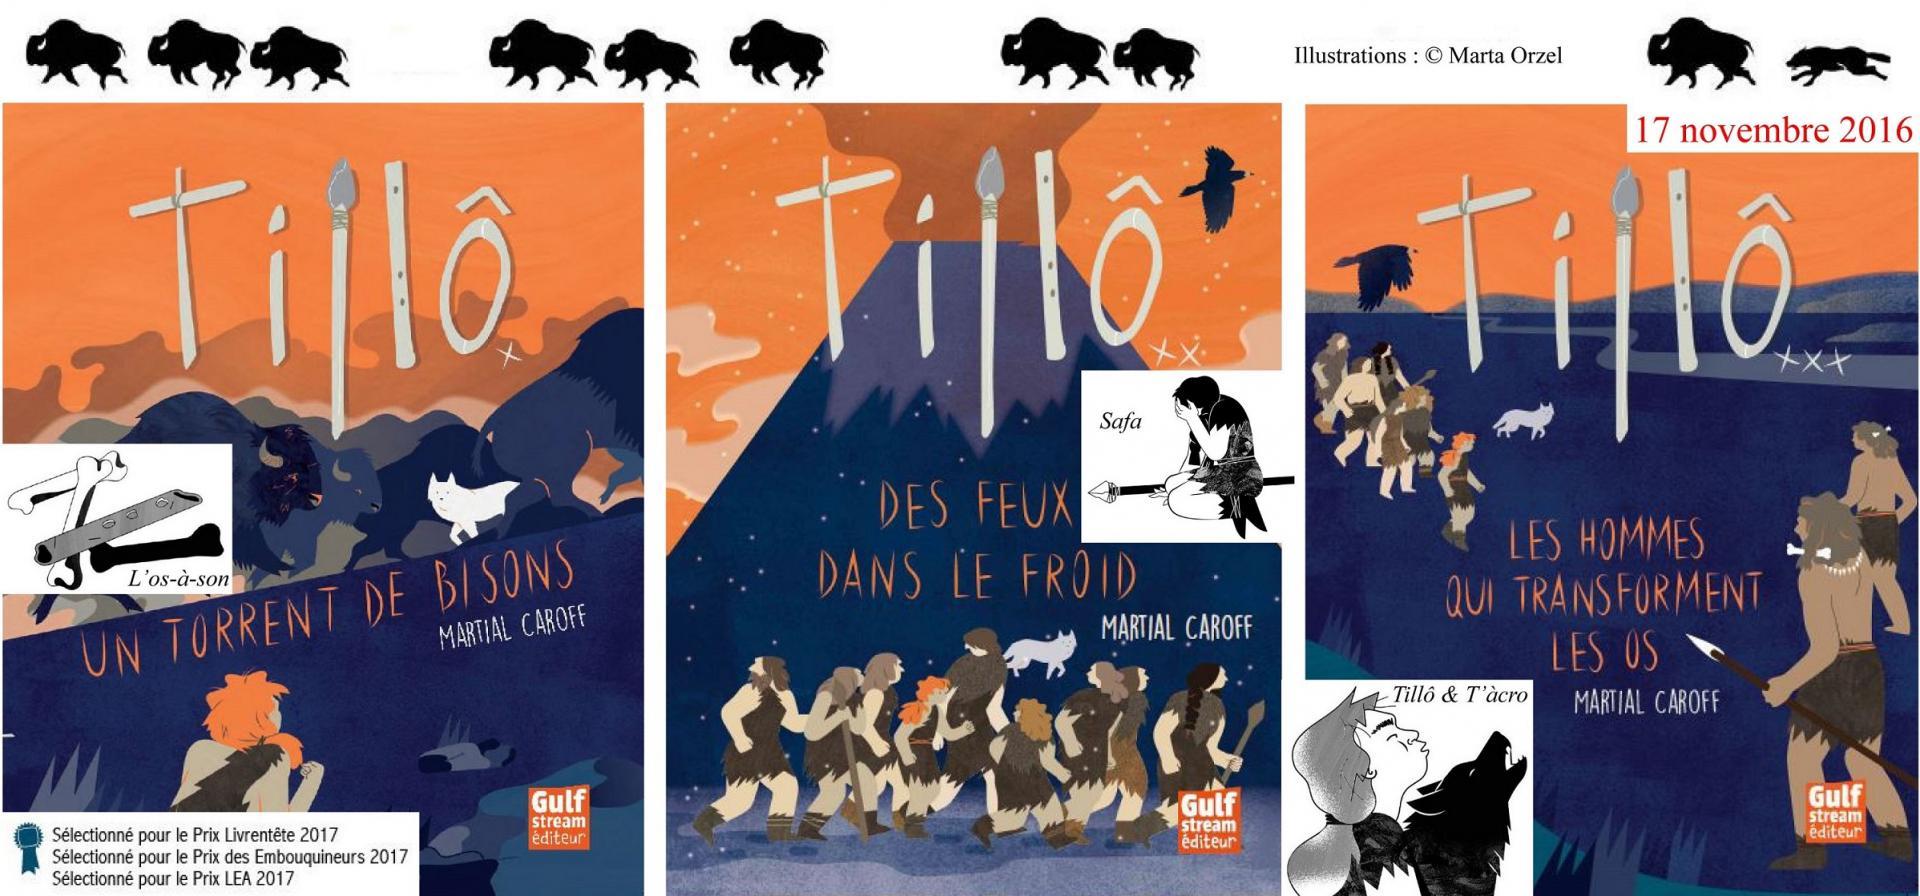 Tillo 4